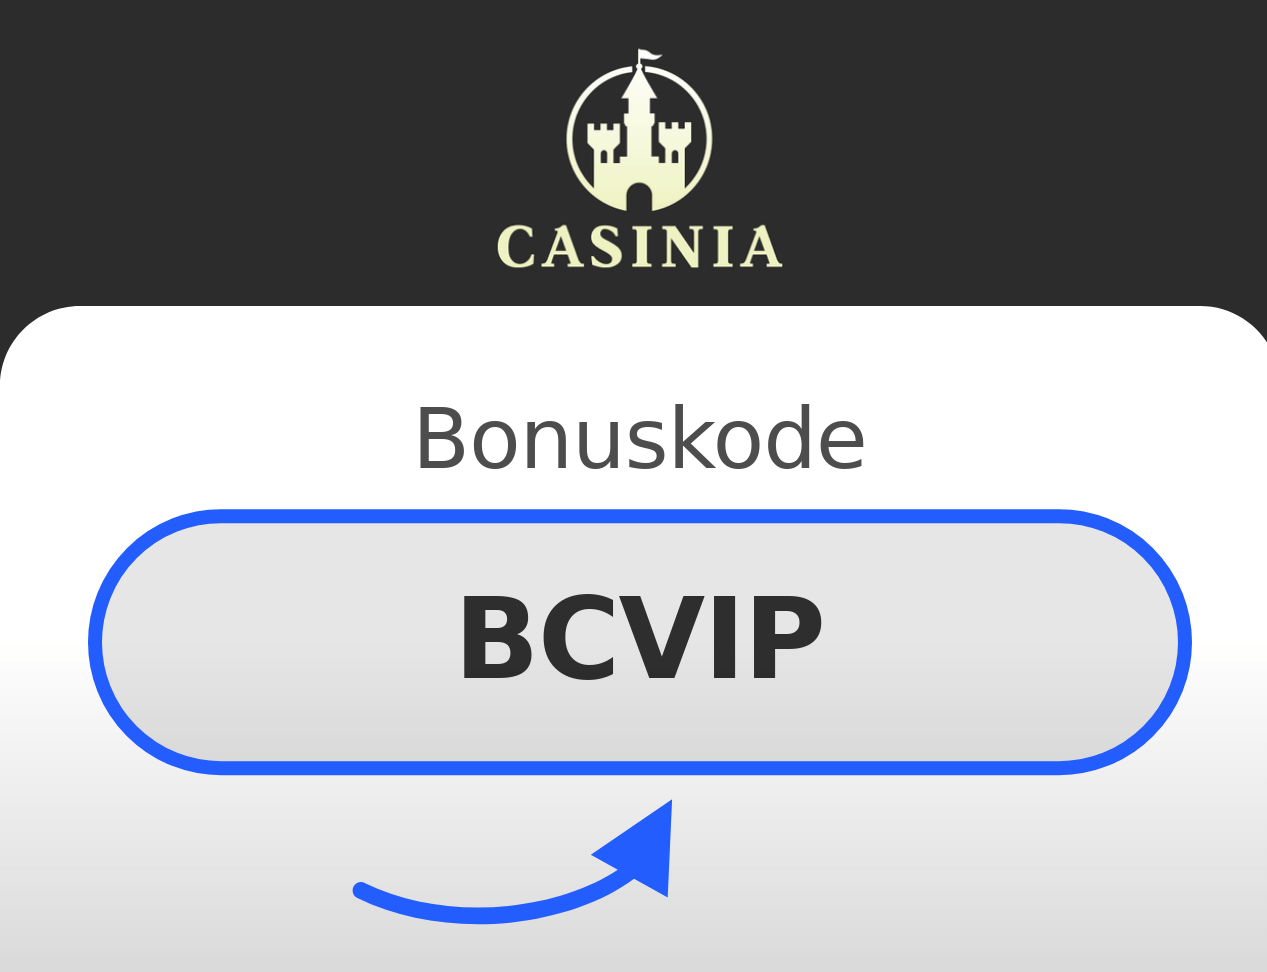 Casinia Bonuskode